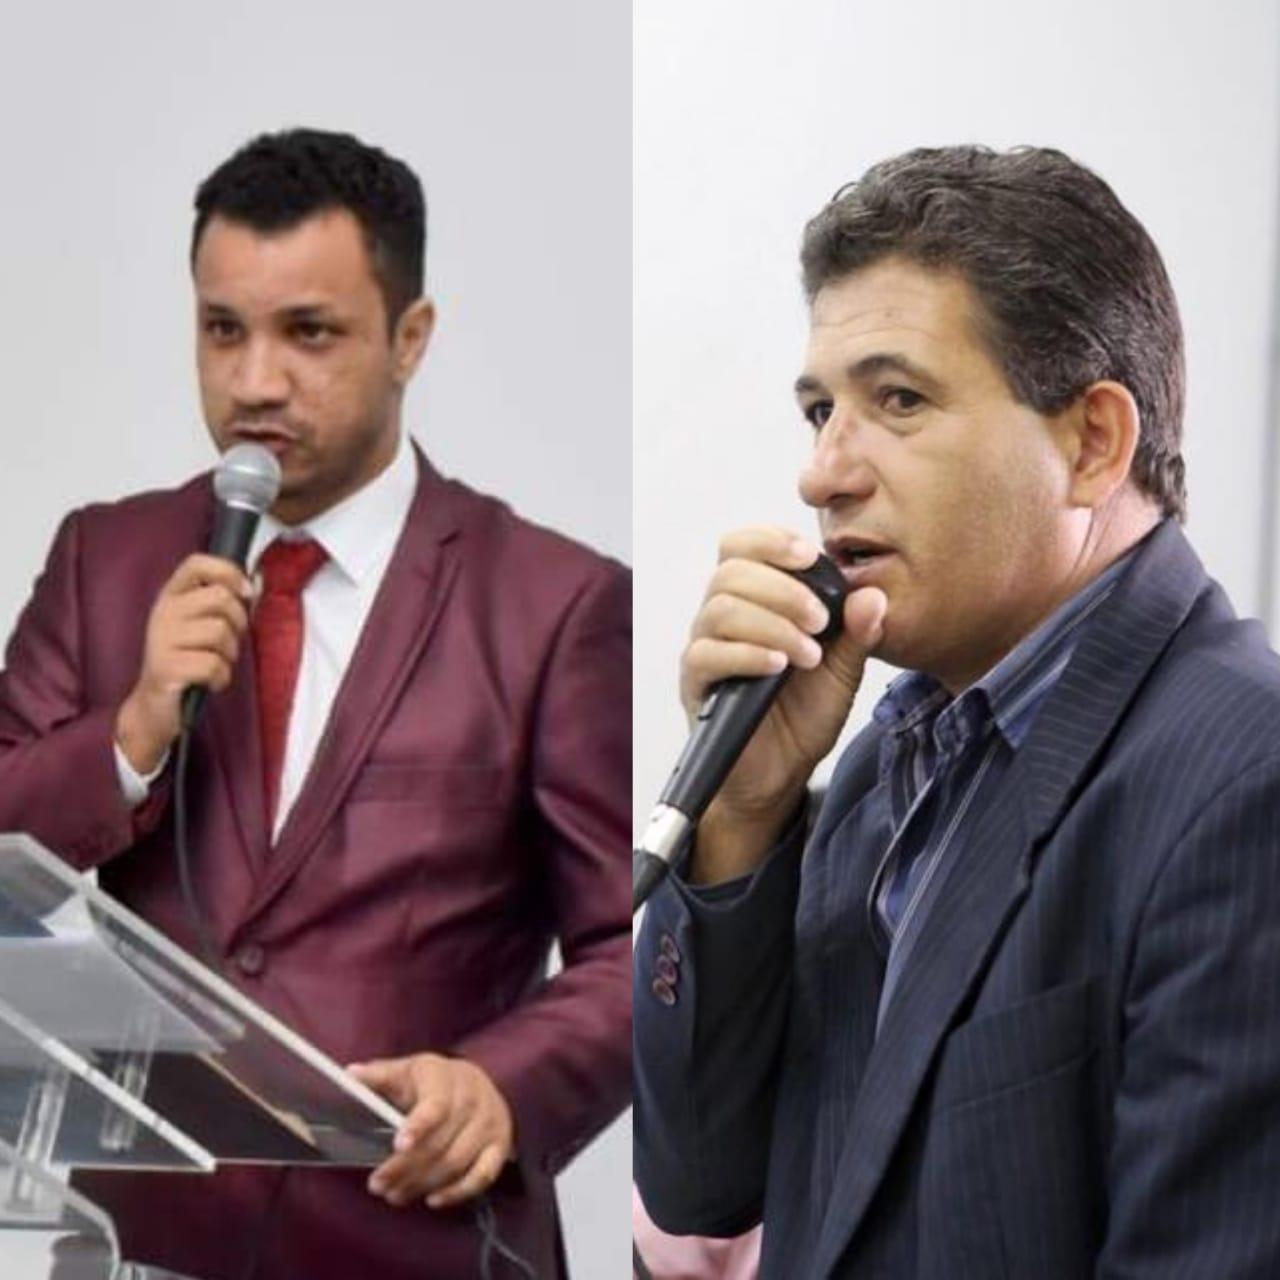 """Daniel Rodrigues: """"Rosildo não tem autonomia para falar em nome do partido, muito menos do grupo alcidista"""""""